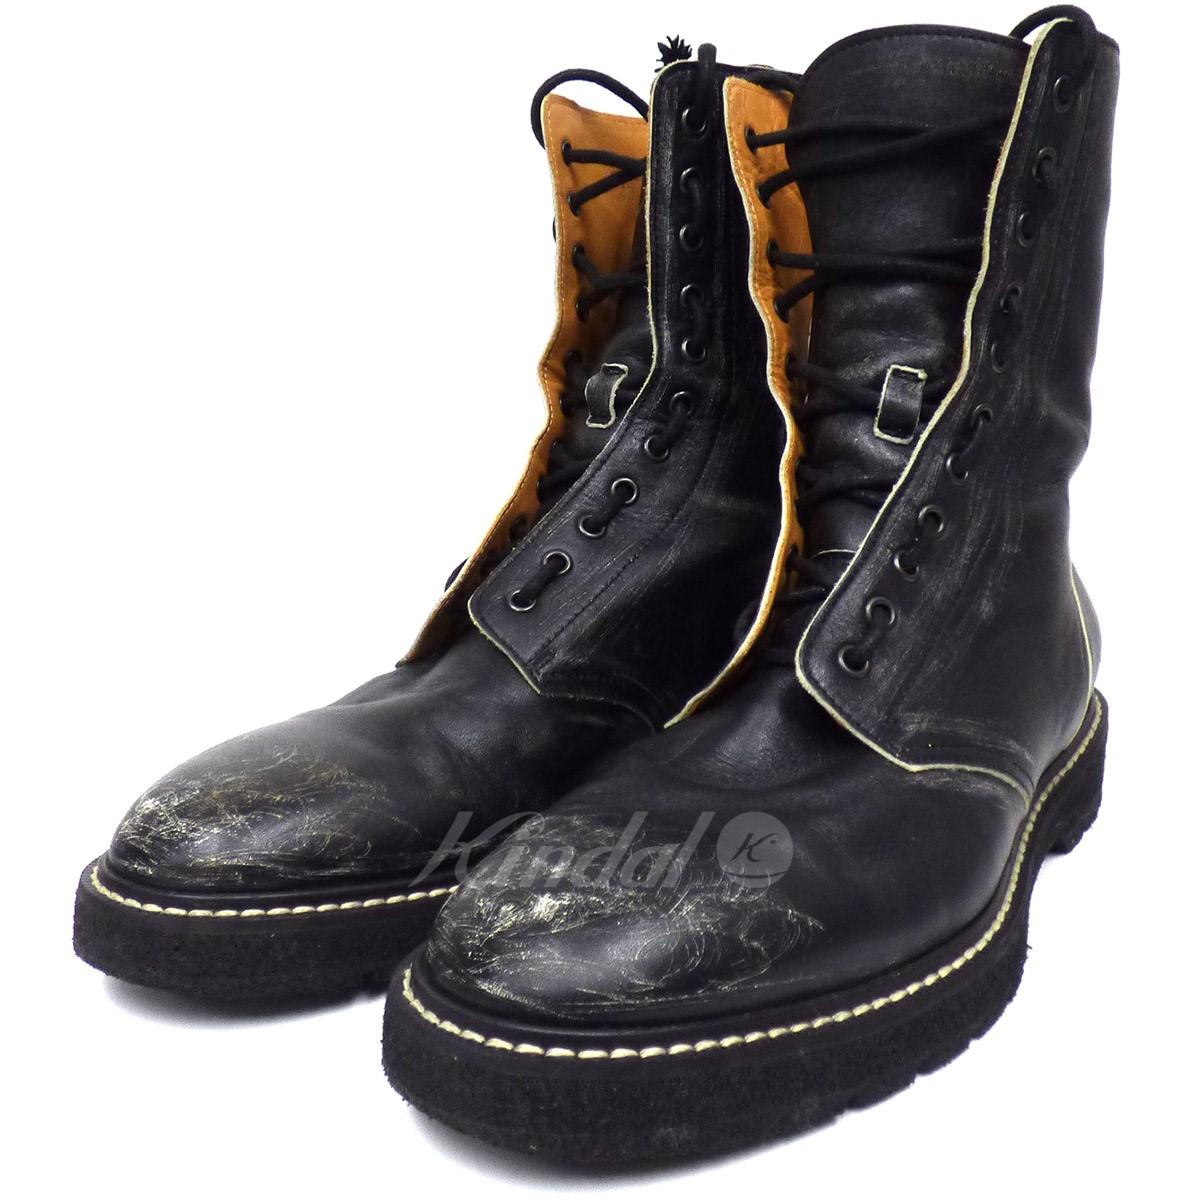 【中古】Maison Margiela 22 USED加工レースアップブーツ ブラック サイズ:42(26cm~27cm) 【送料無料】 【241018】(メゾン マルジェラ22)